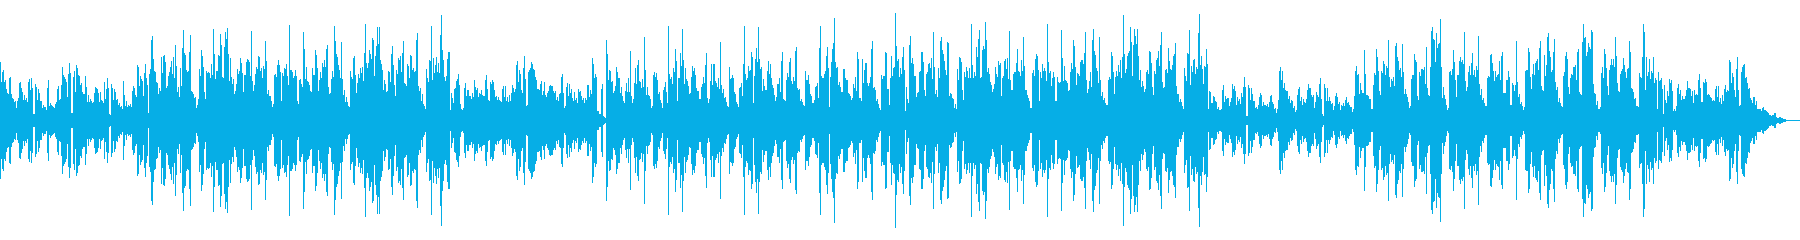 ドラムの音量を下げたバージョンの再生済みの波形